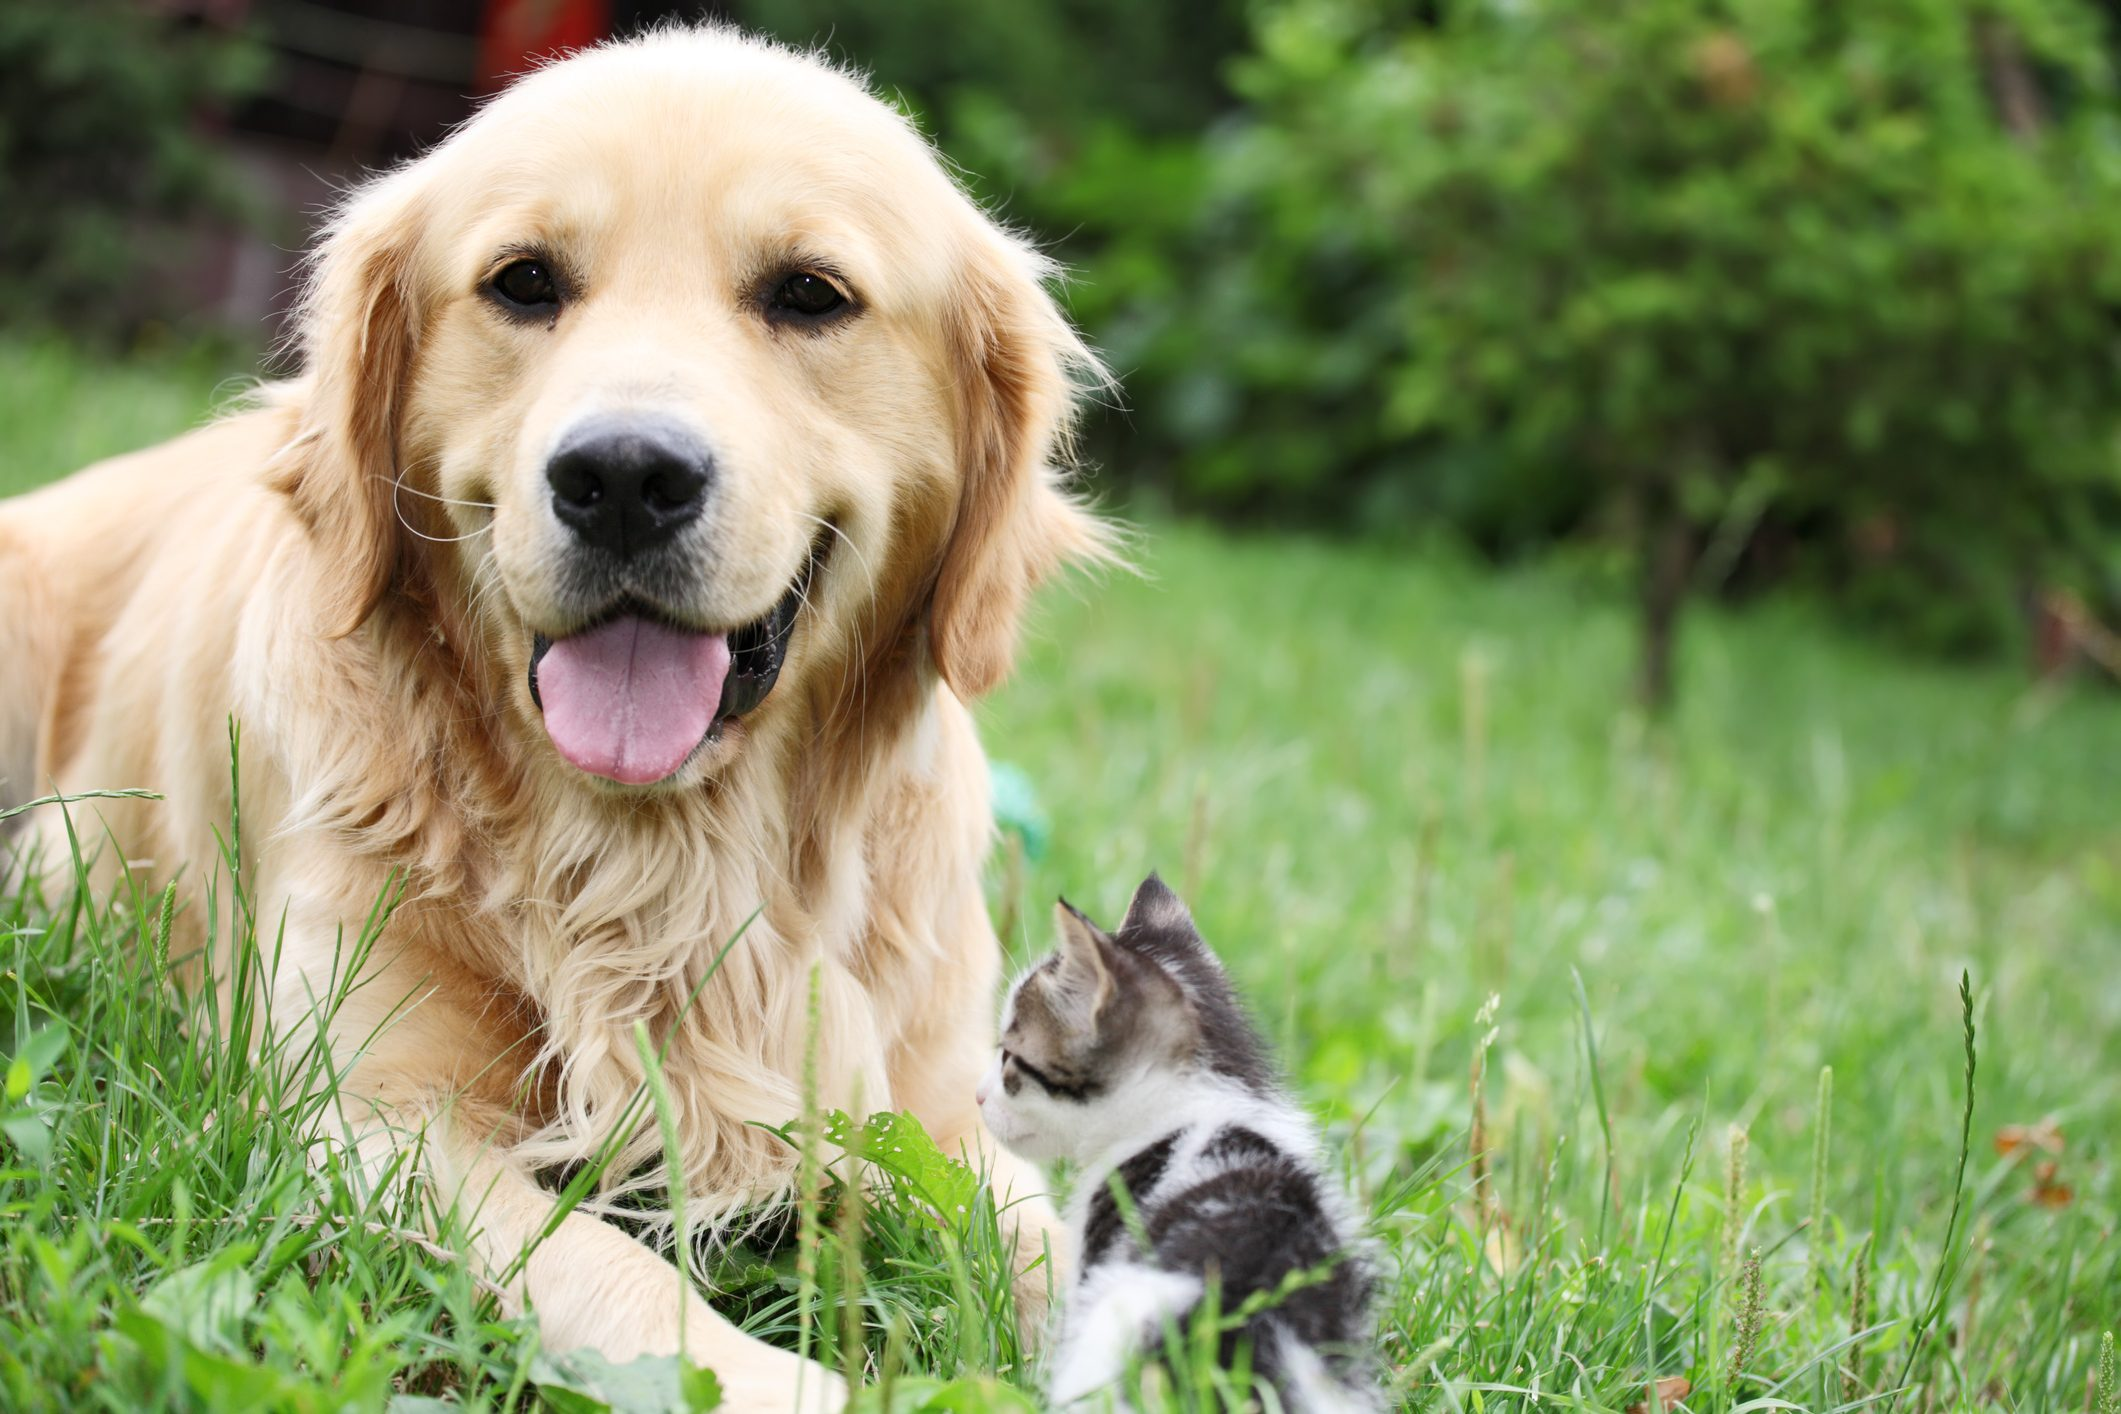 Golden retriever and a small kitten outdoor.